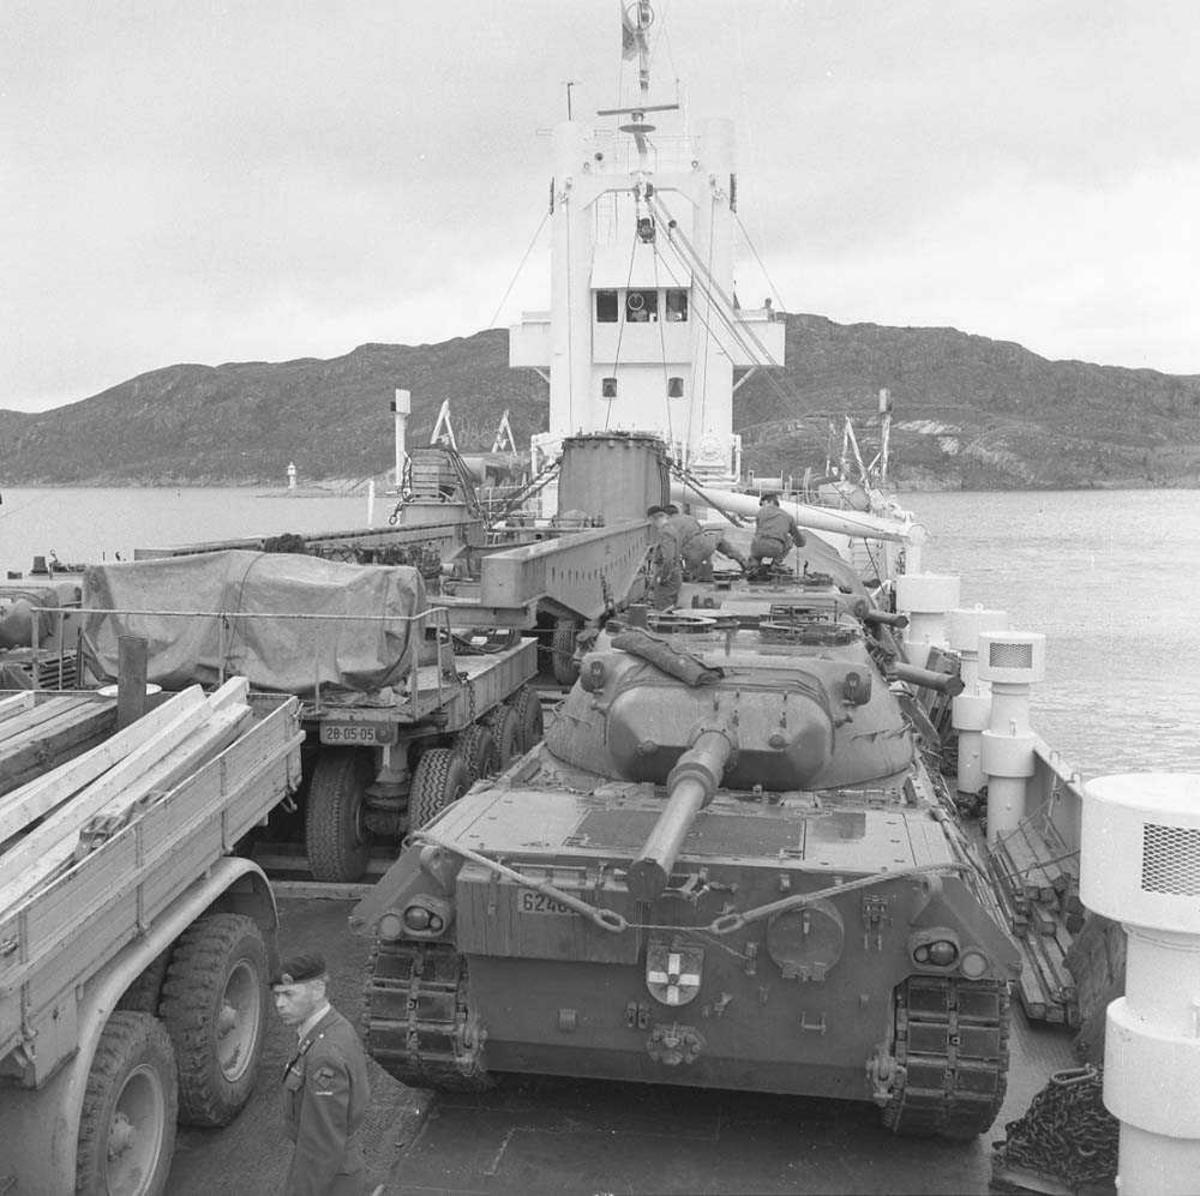 Her ankommer nye stridsvogner til Luftvernartilleriet (LVA) i Bodin leir, Bodø. Stridsvognene er av typen M-24 Shaffee